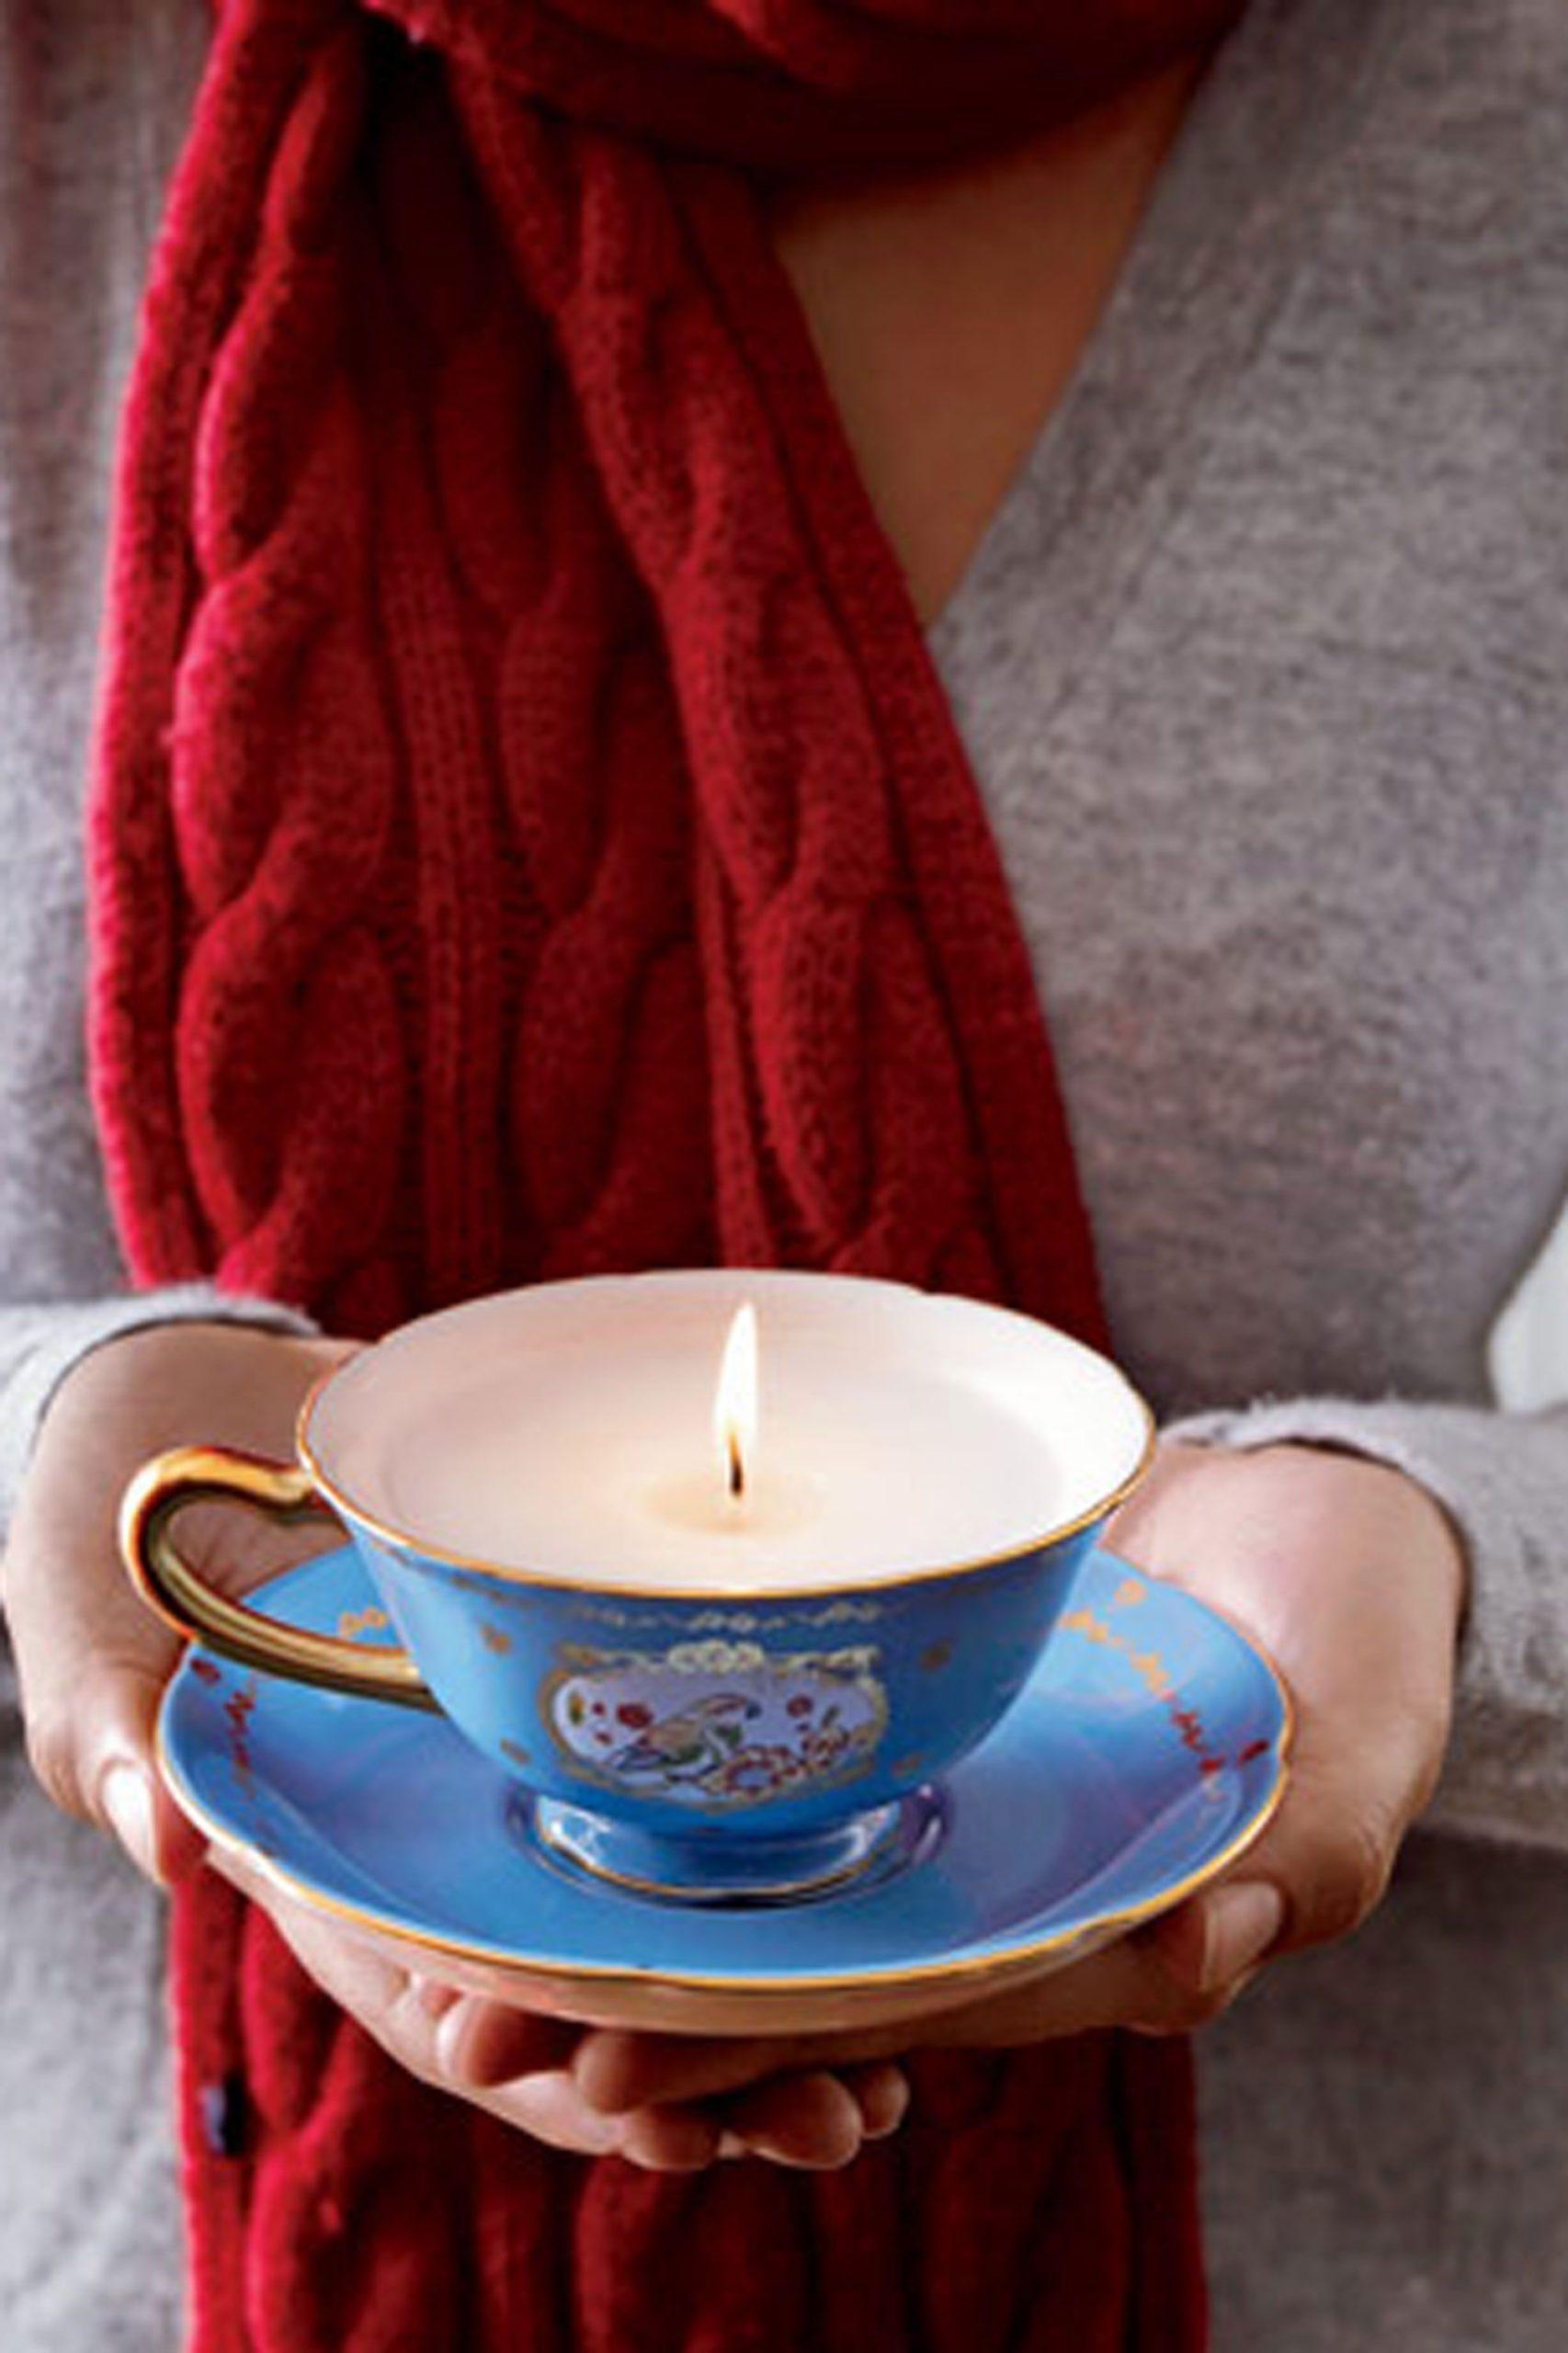 Activité manuelle de Noël: Bougie dans une tasse de thé.